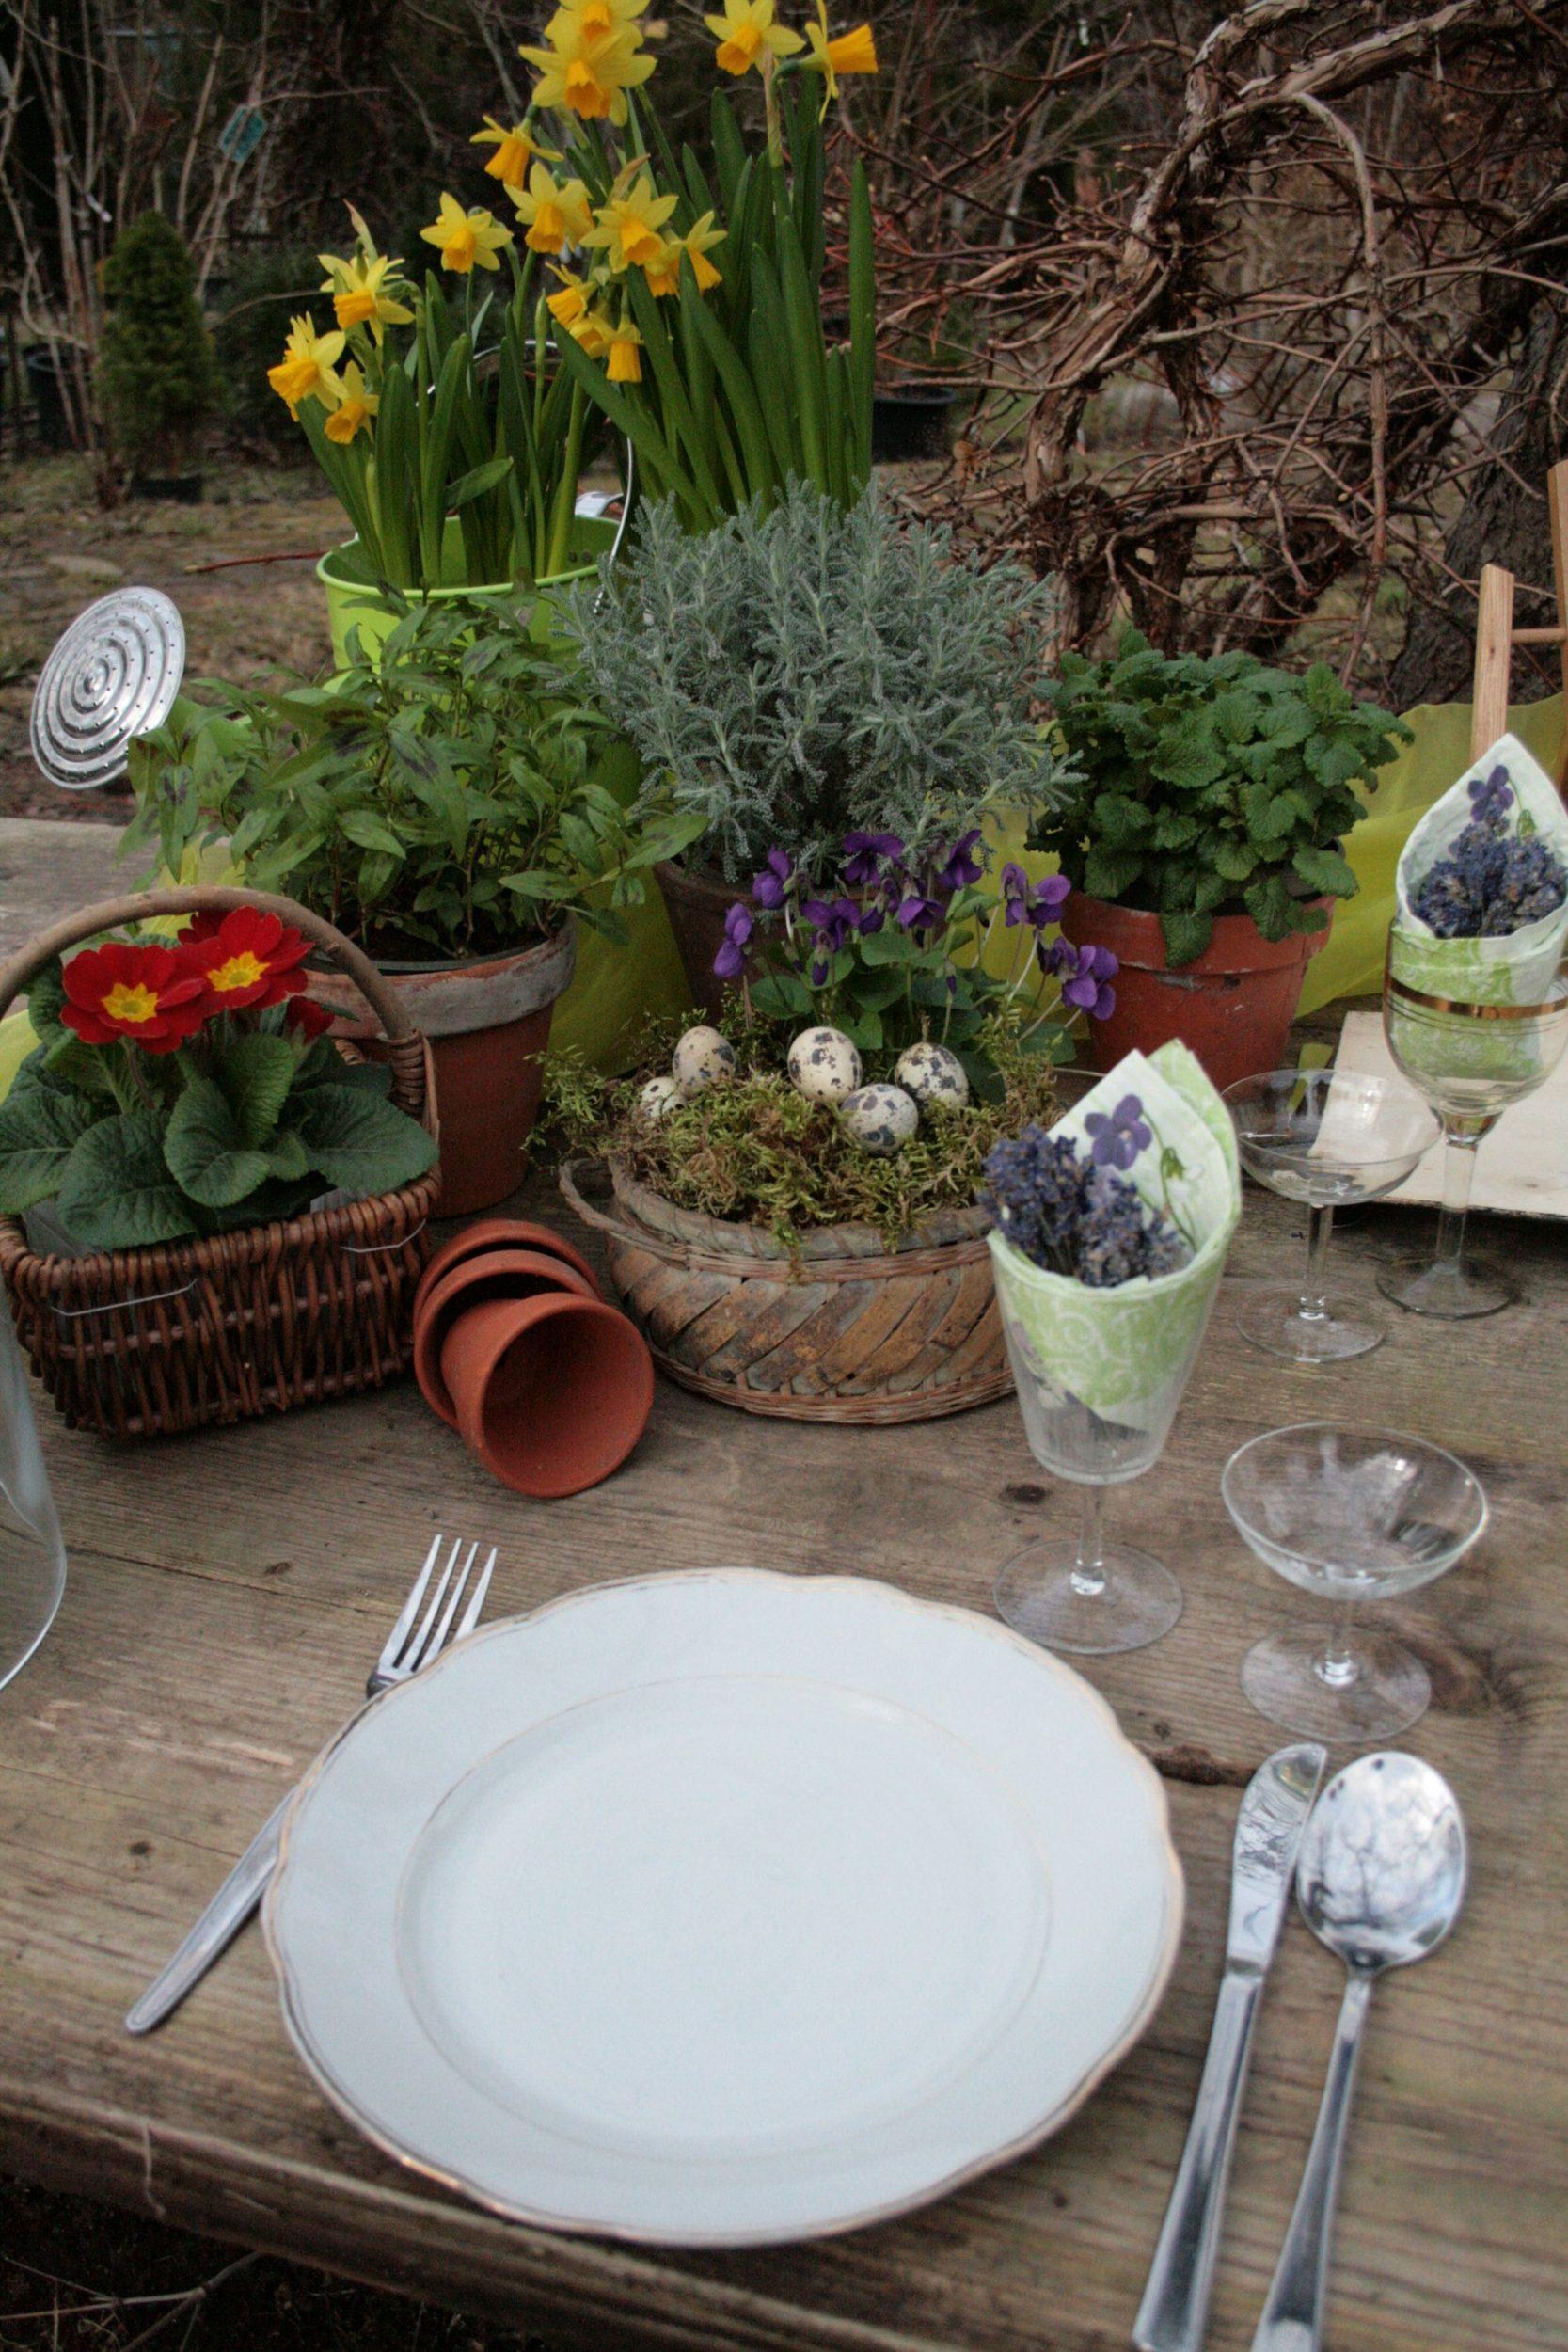 Tischdeko zum Ostern selber basteln: Bastelwerkstatt, Gartenseminare und kreativ Workshops für Kinder und Erwachsene in der GartenWerkstatt Berlin